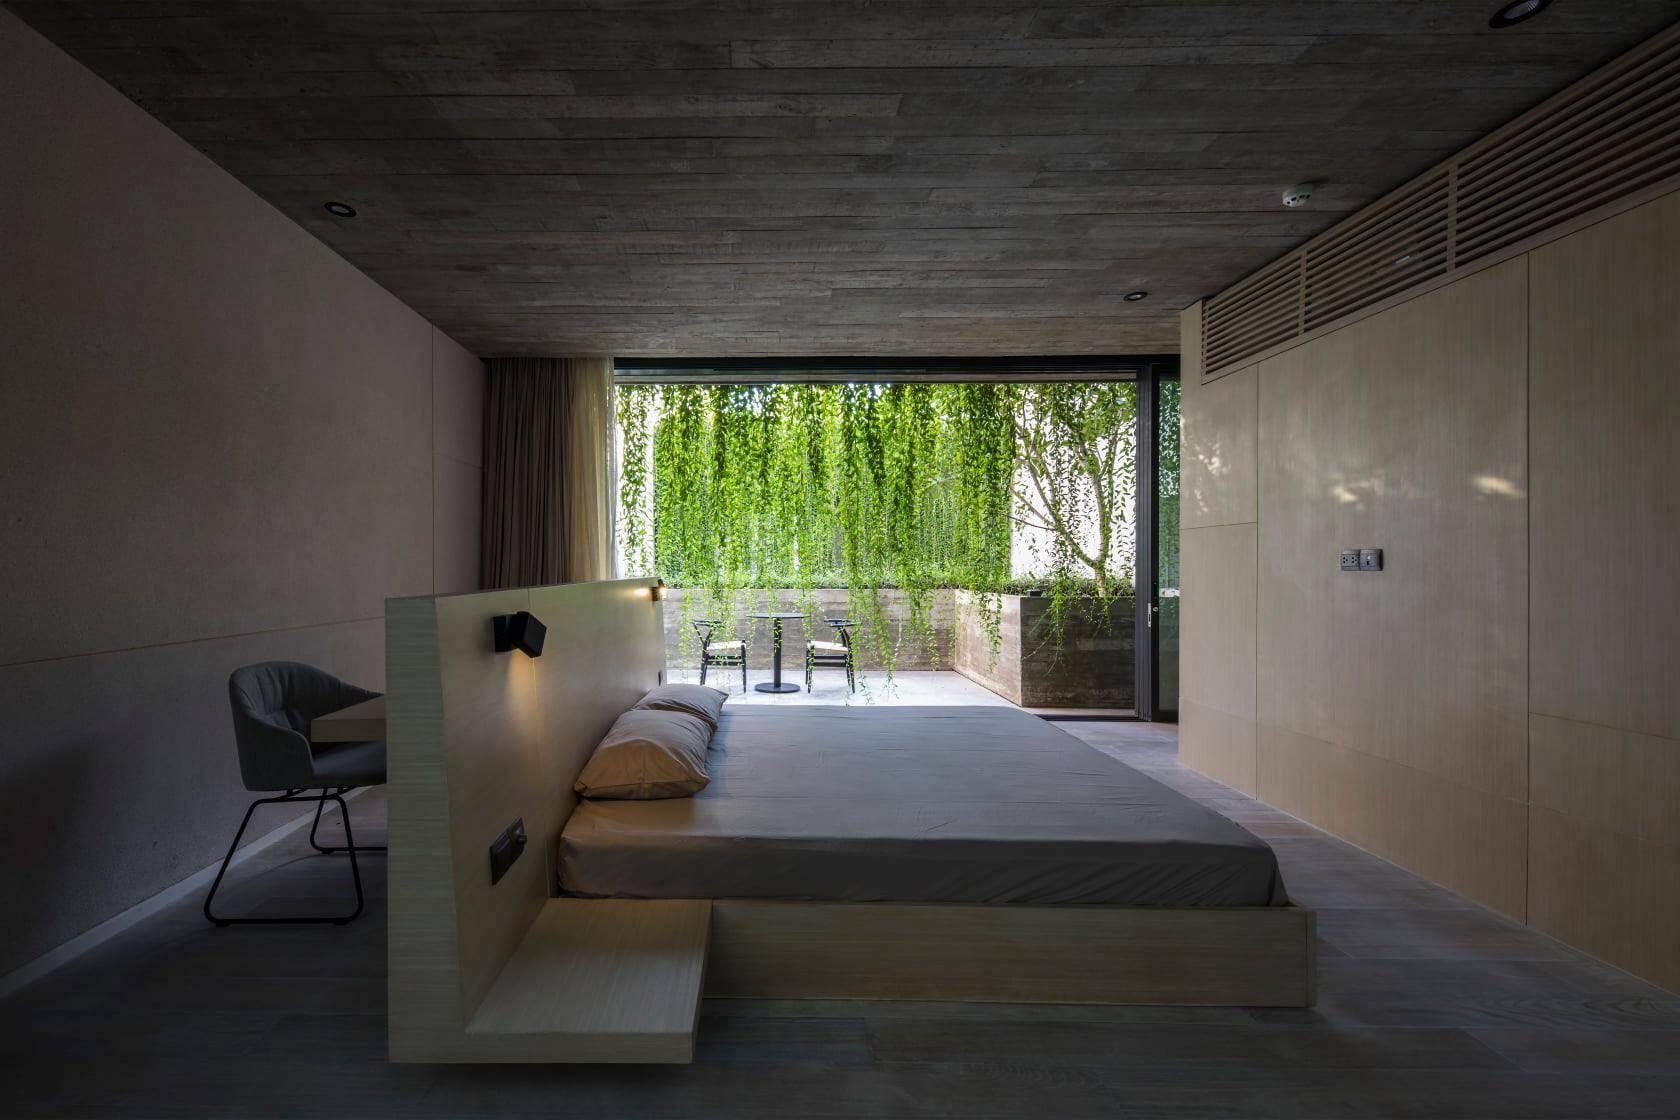 Phòng ngủ theo phong cách tối giản, không sử dụng nhiều đồ đạc mà tập trung vào việc kết nối với thiên nhiên